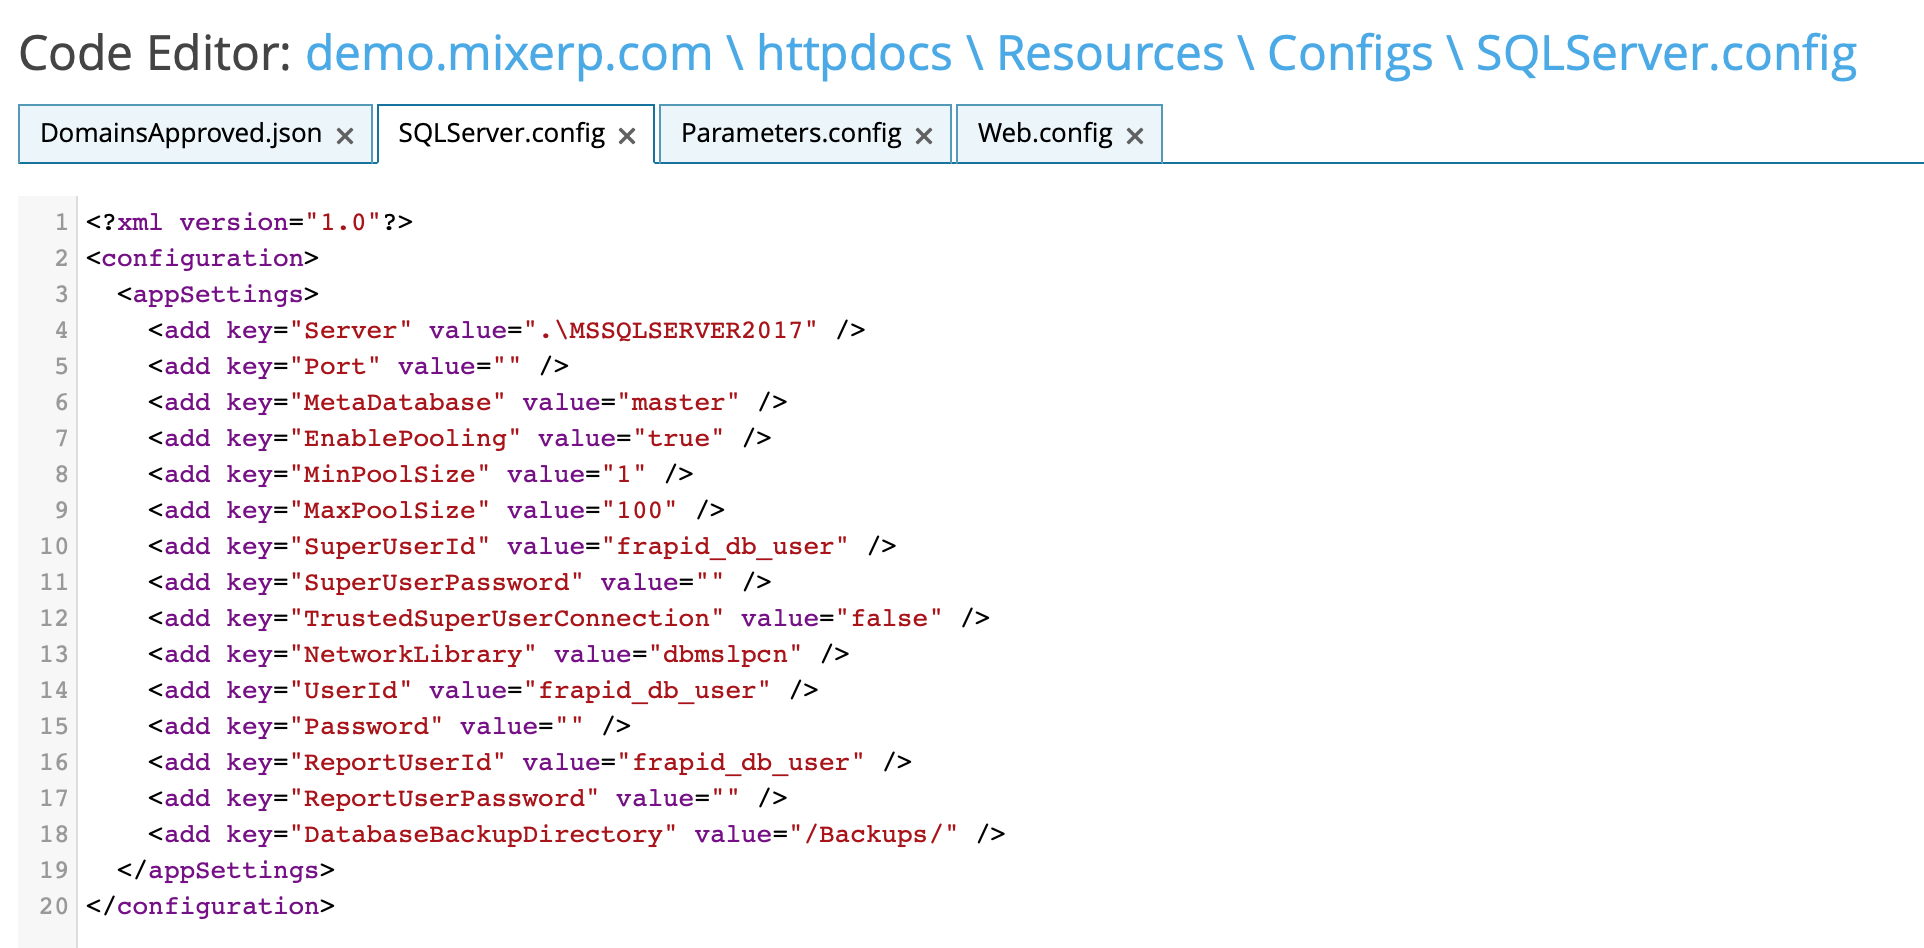 SQLServer.config file